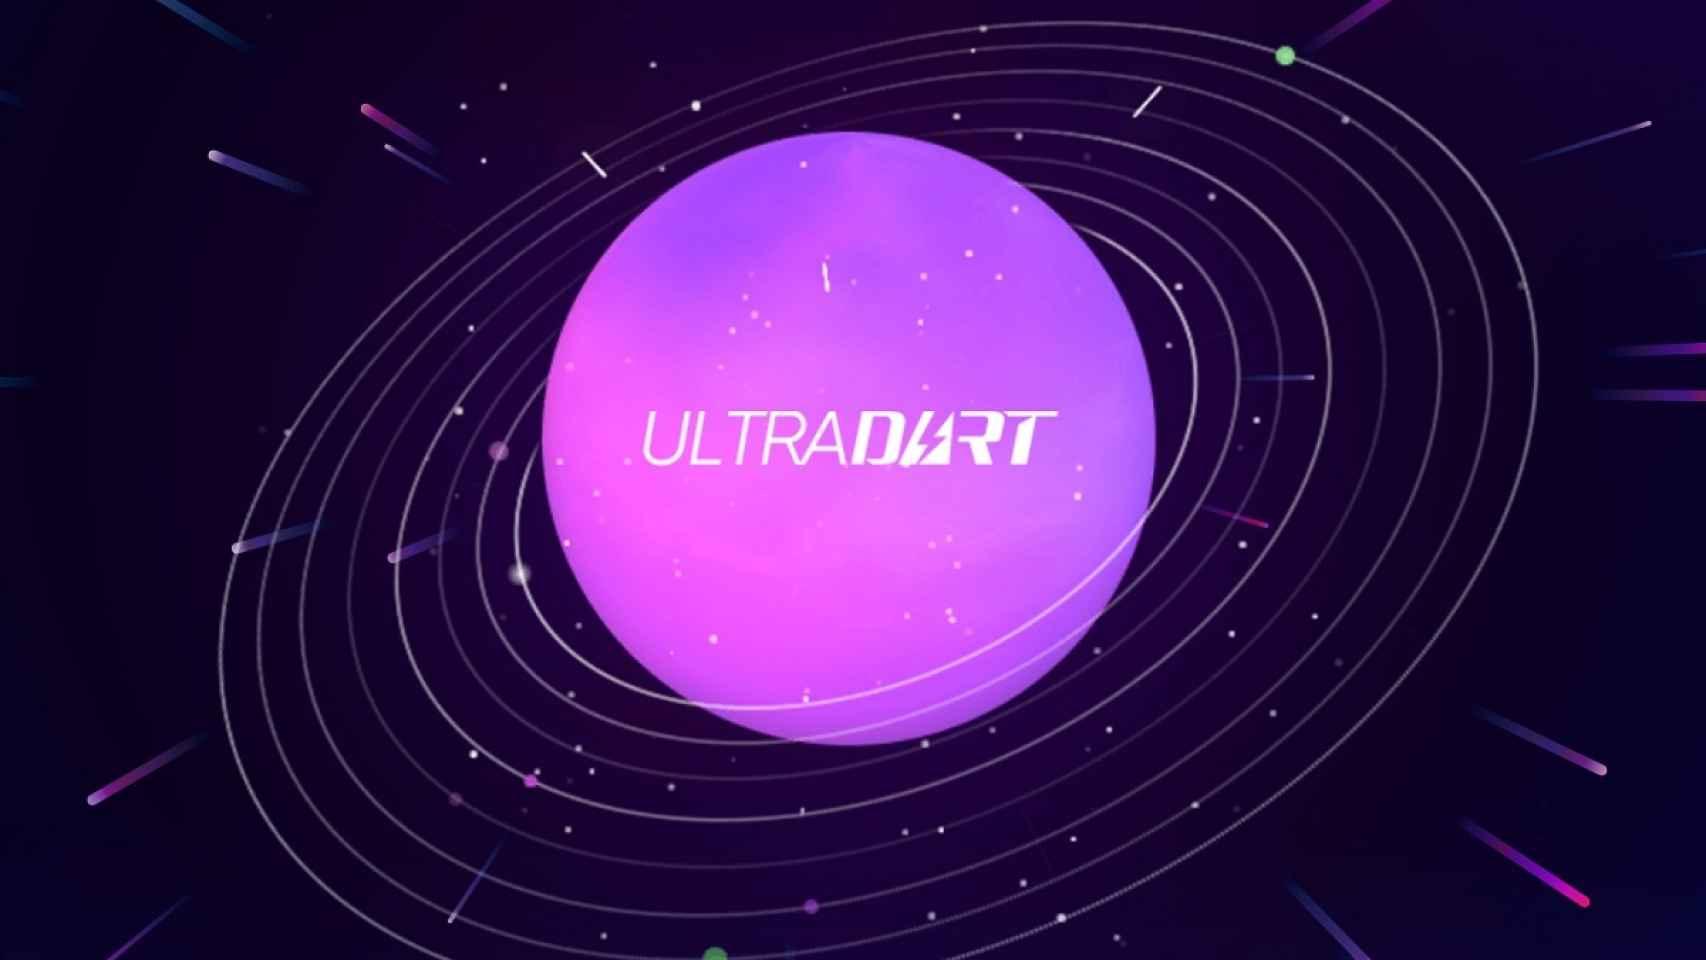 el_androide_libre_505712313_179471769_1706x960.jpg